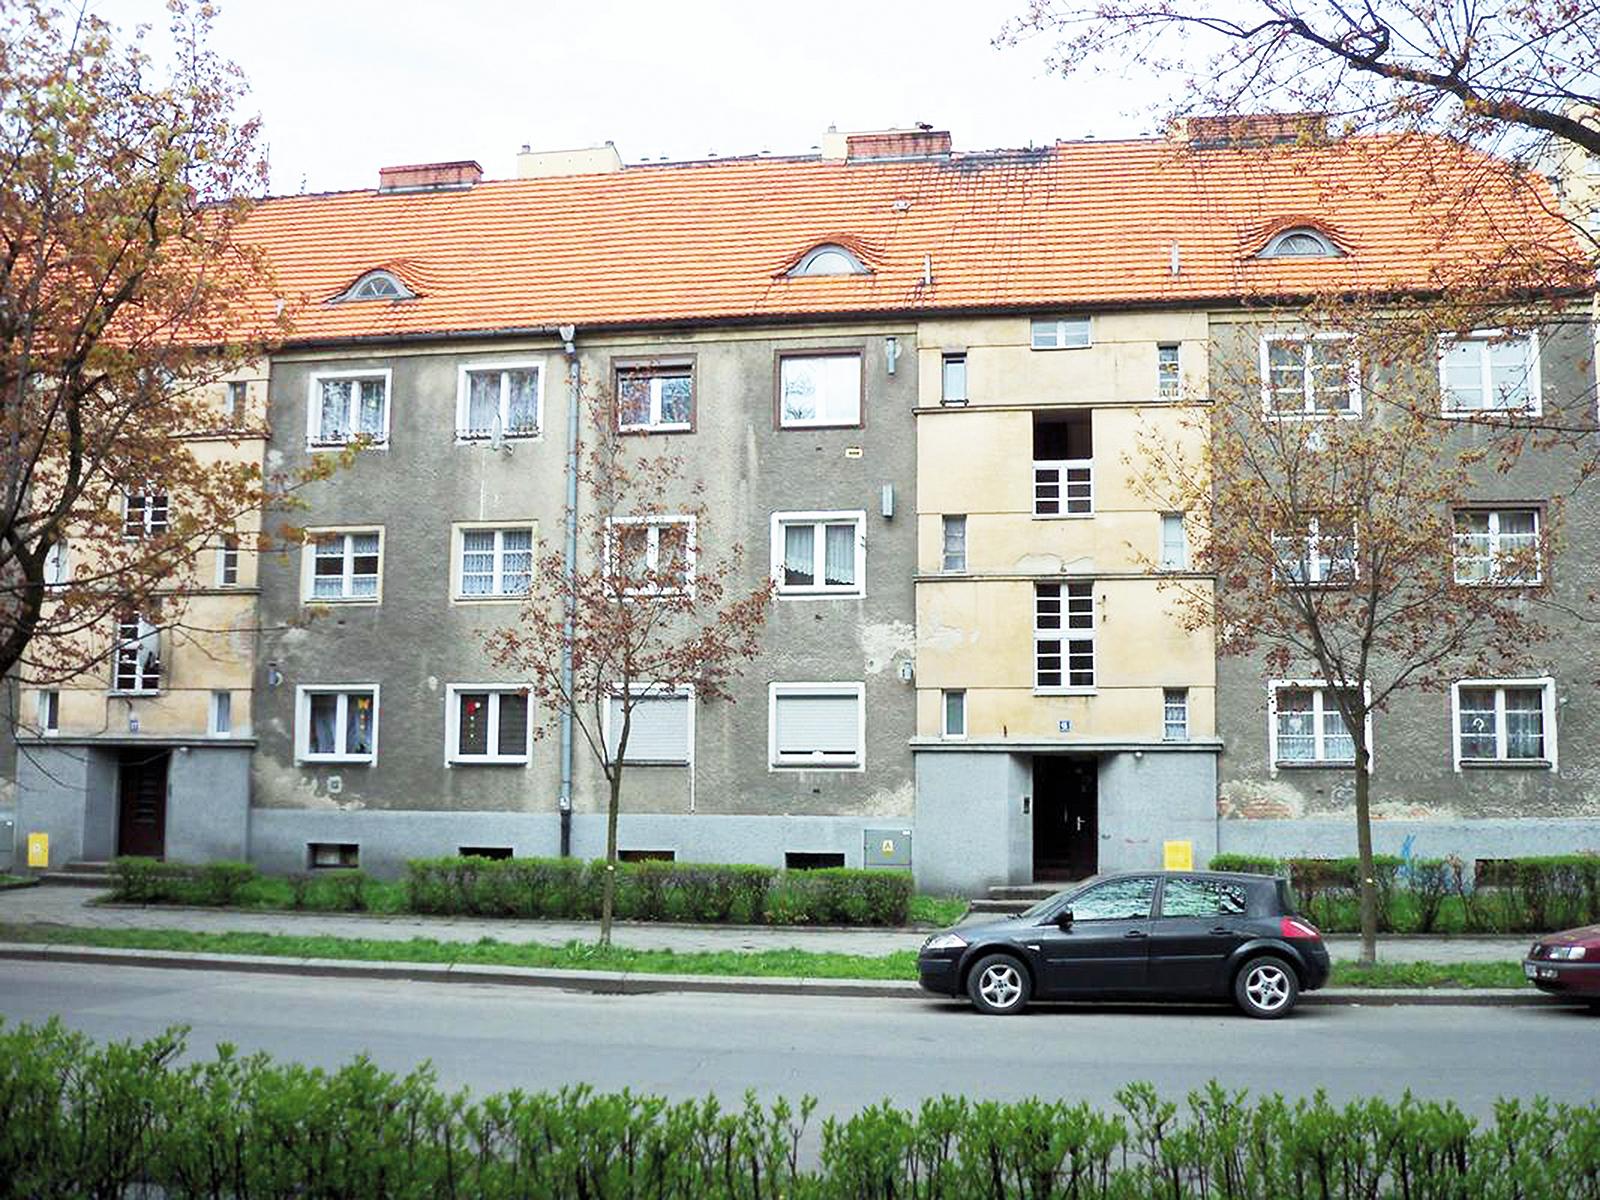 Budynki przy ul. Skłodowskiej przed modernizacją